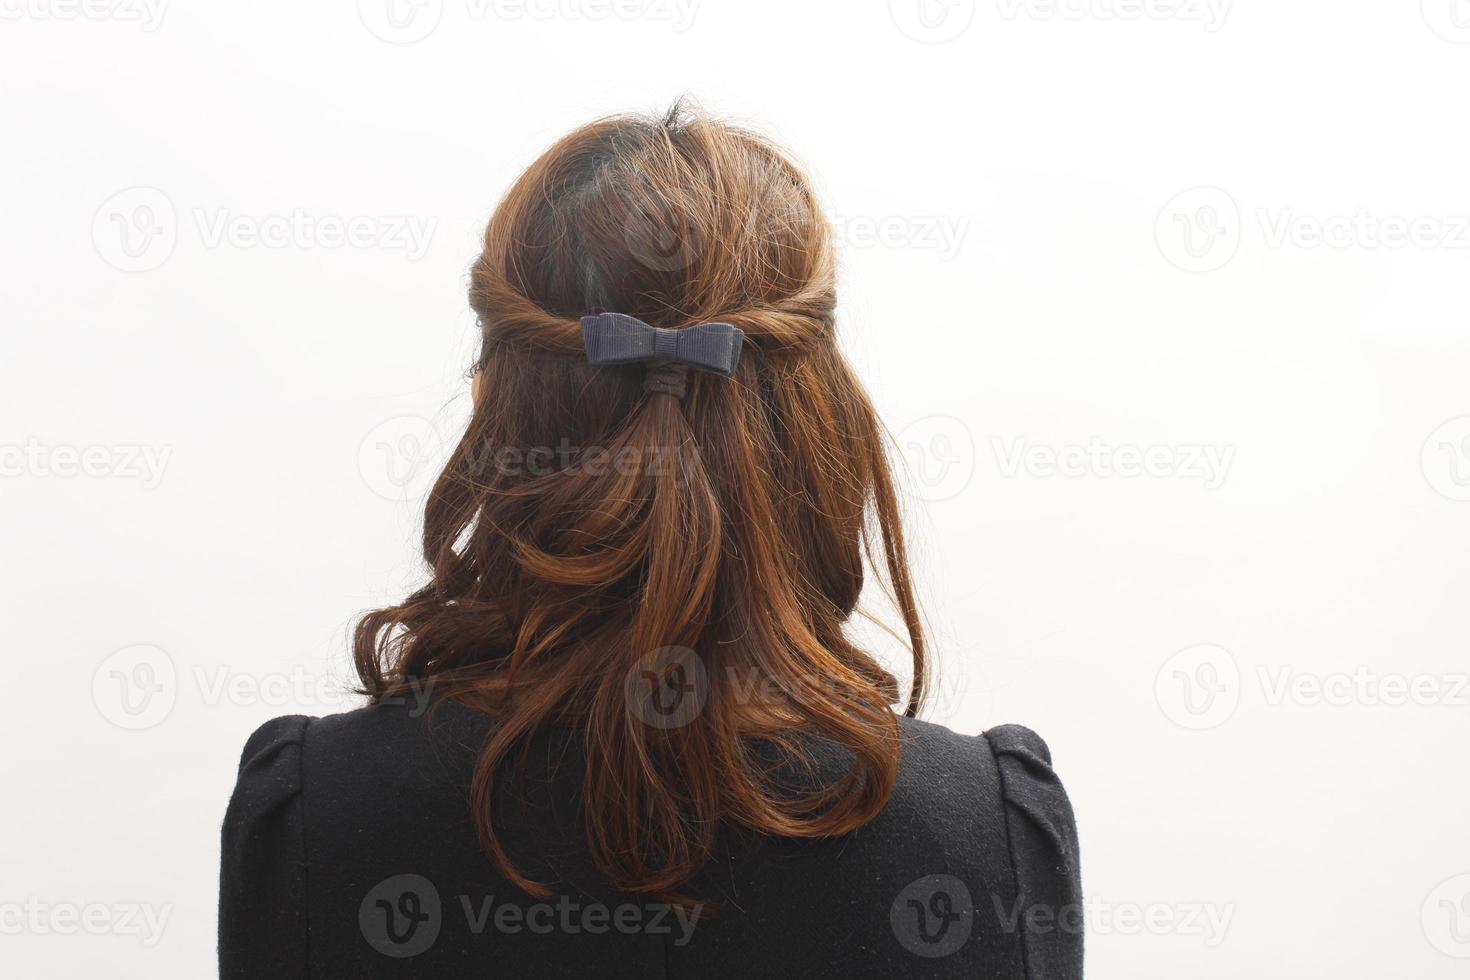 imagem de tecer cabelo feminino foto